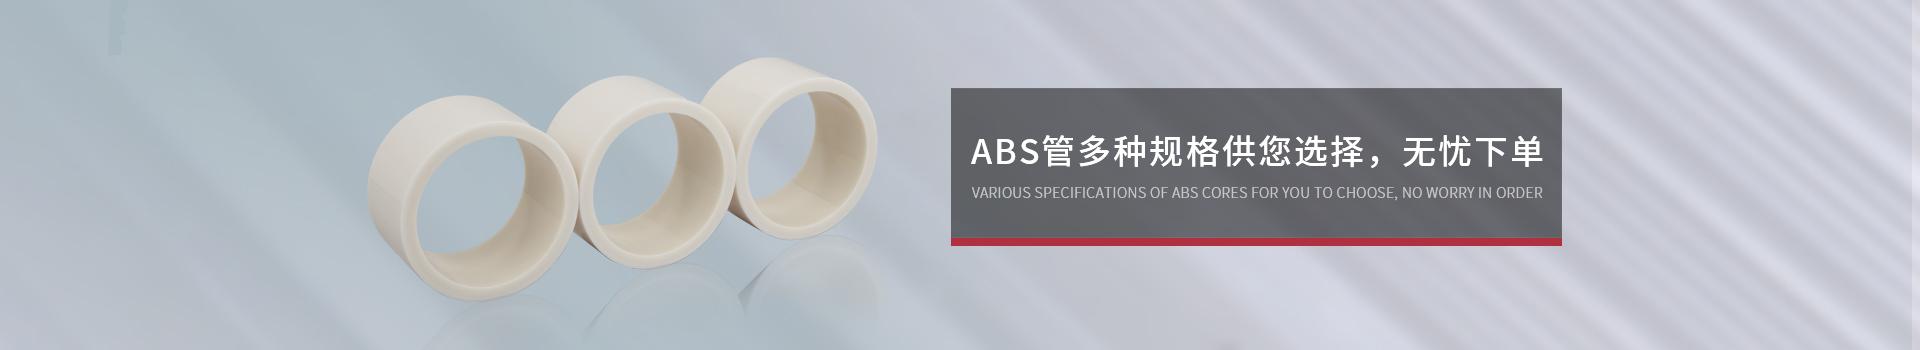 天裕塑胶ABS管多种规格供您选择,无忧下单